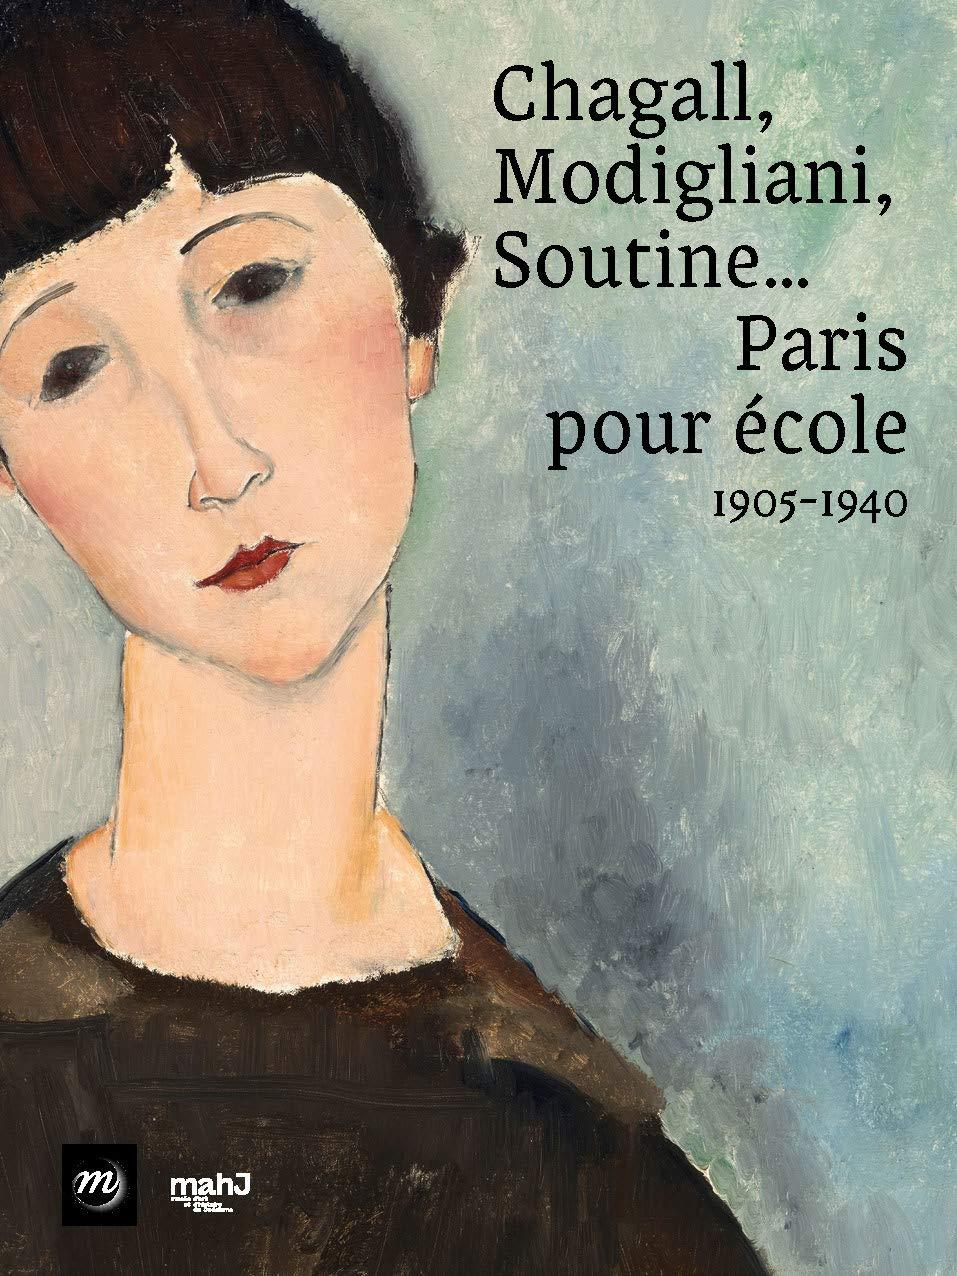 Chagall, Modigliani, Soutine... Paris pour école, 1905-1940